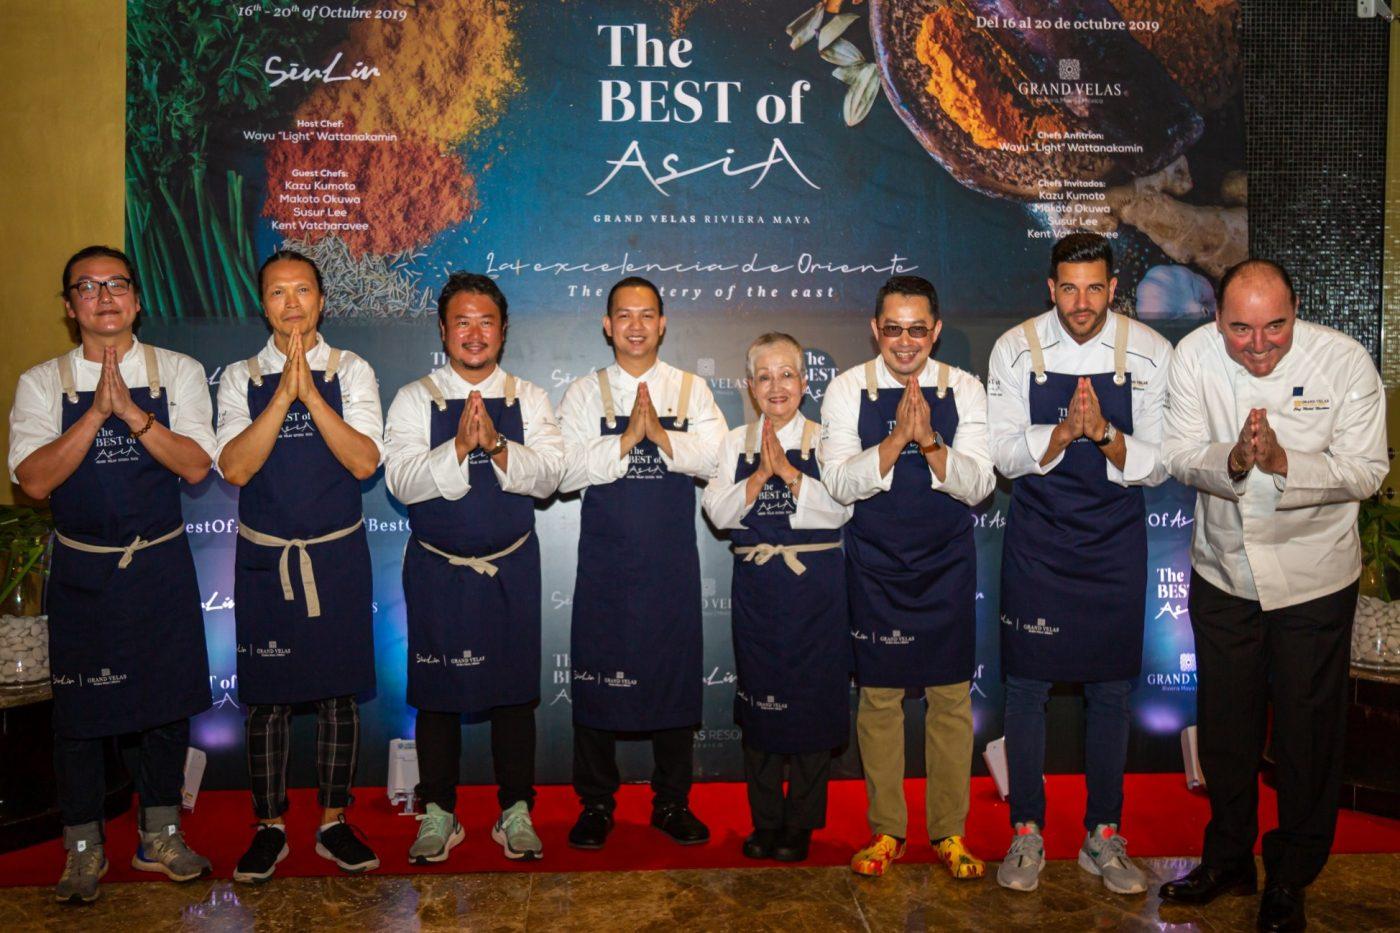 Grand Velas reúne a los mejores chefs de Asia en la Riviera Maya